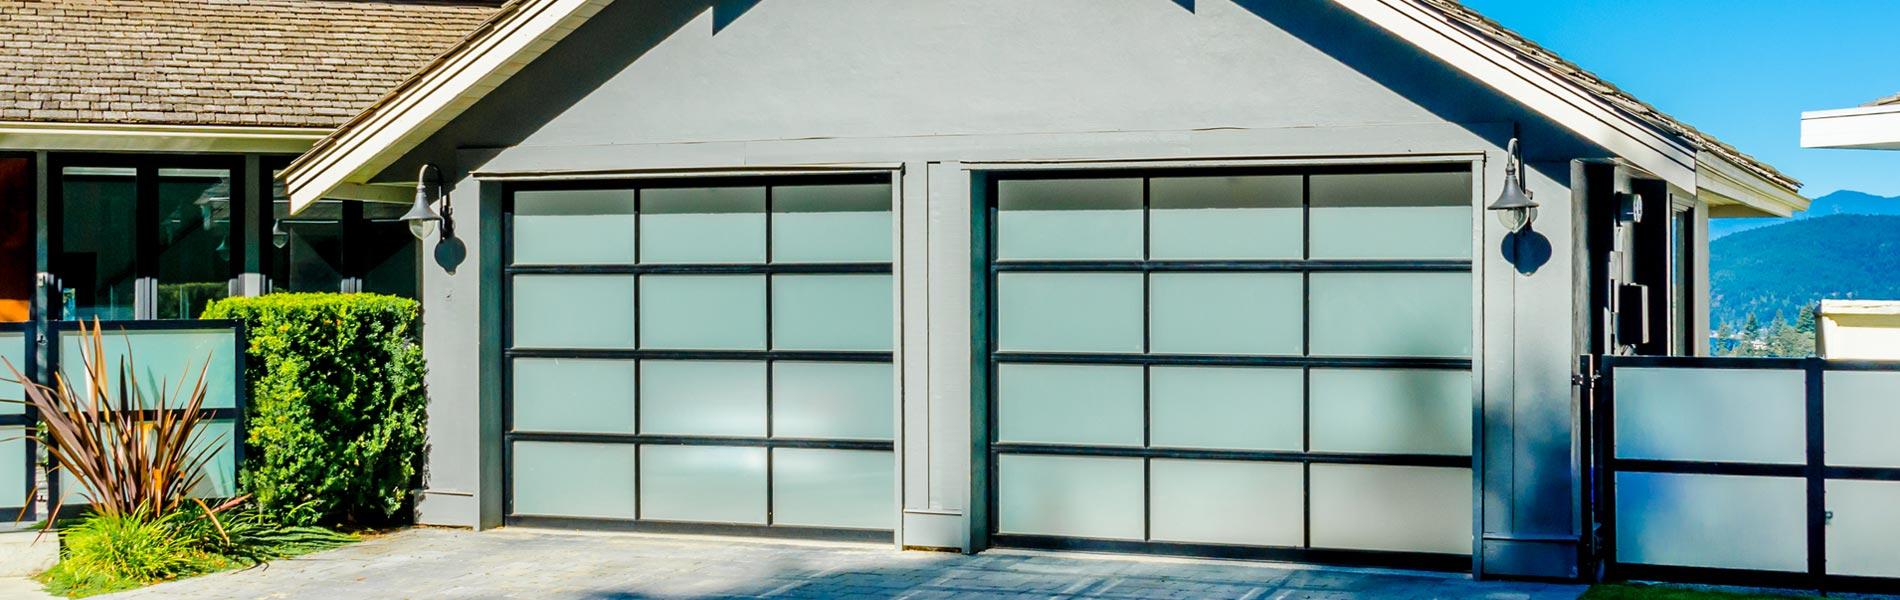 Capitol garage door service garage door cable repair salt lake capitol garage door service salt lake city ut 801 658 0513 solutioingenieria Choice Image